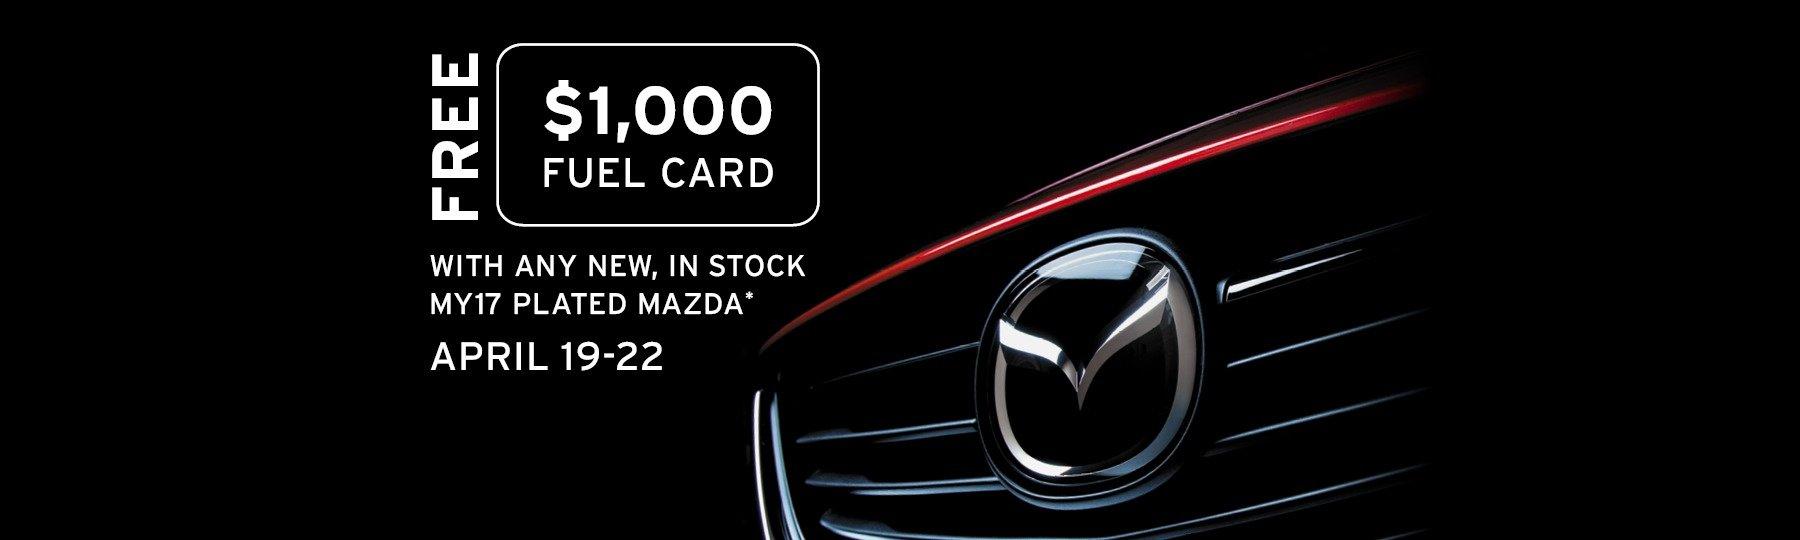 Glendale Mazda Plate Clearance